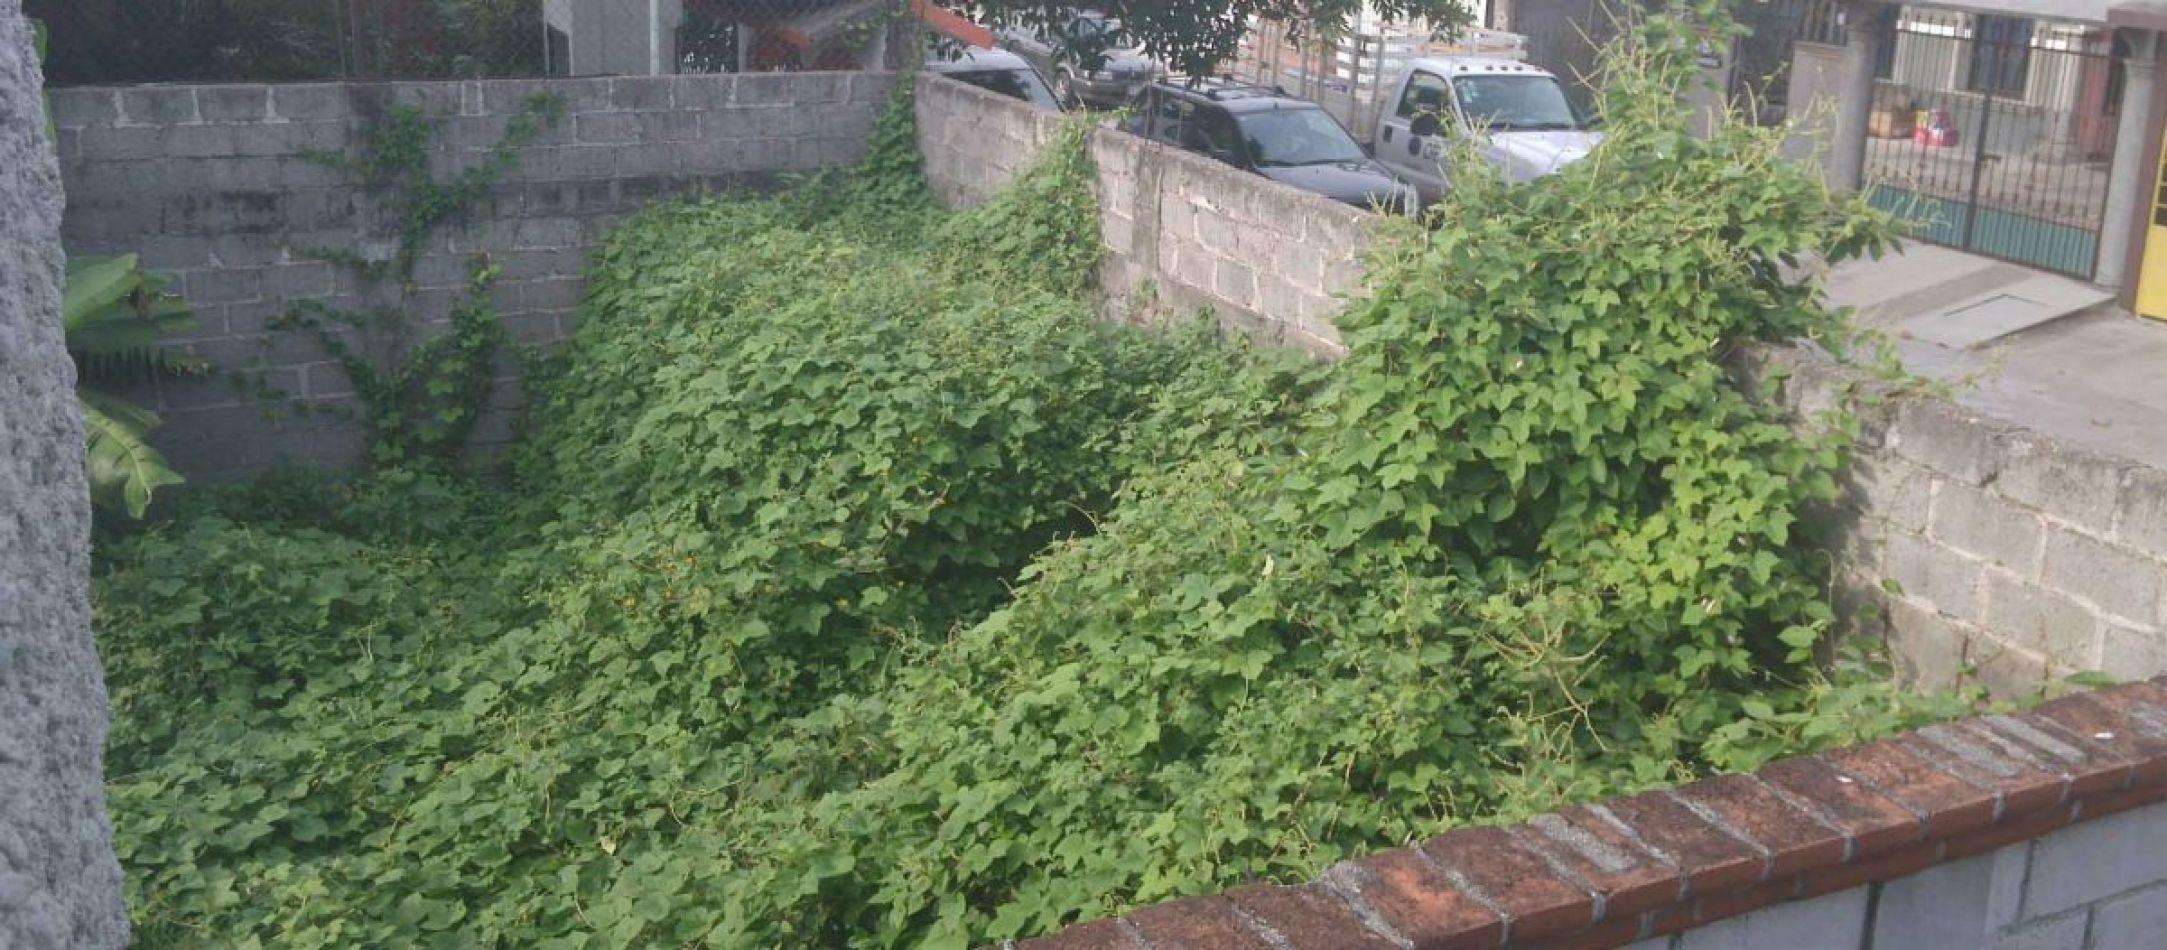 Proyecto promueve usar terrenos baldíos para fines comunitarios